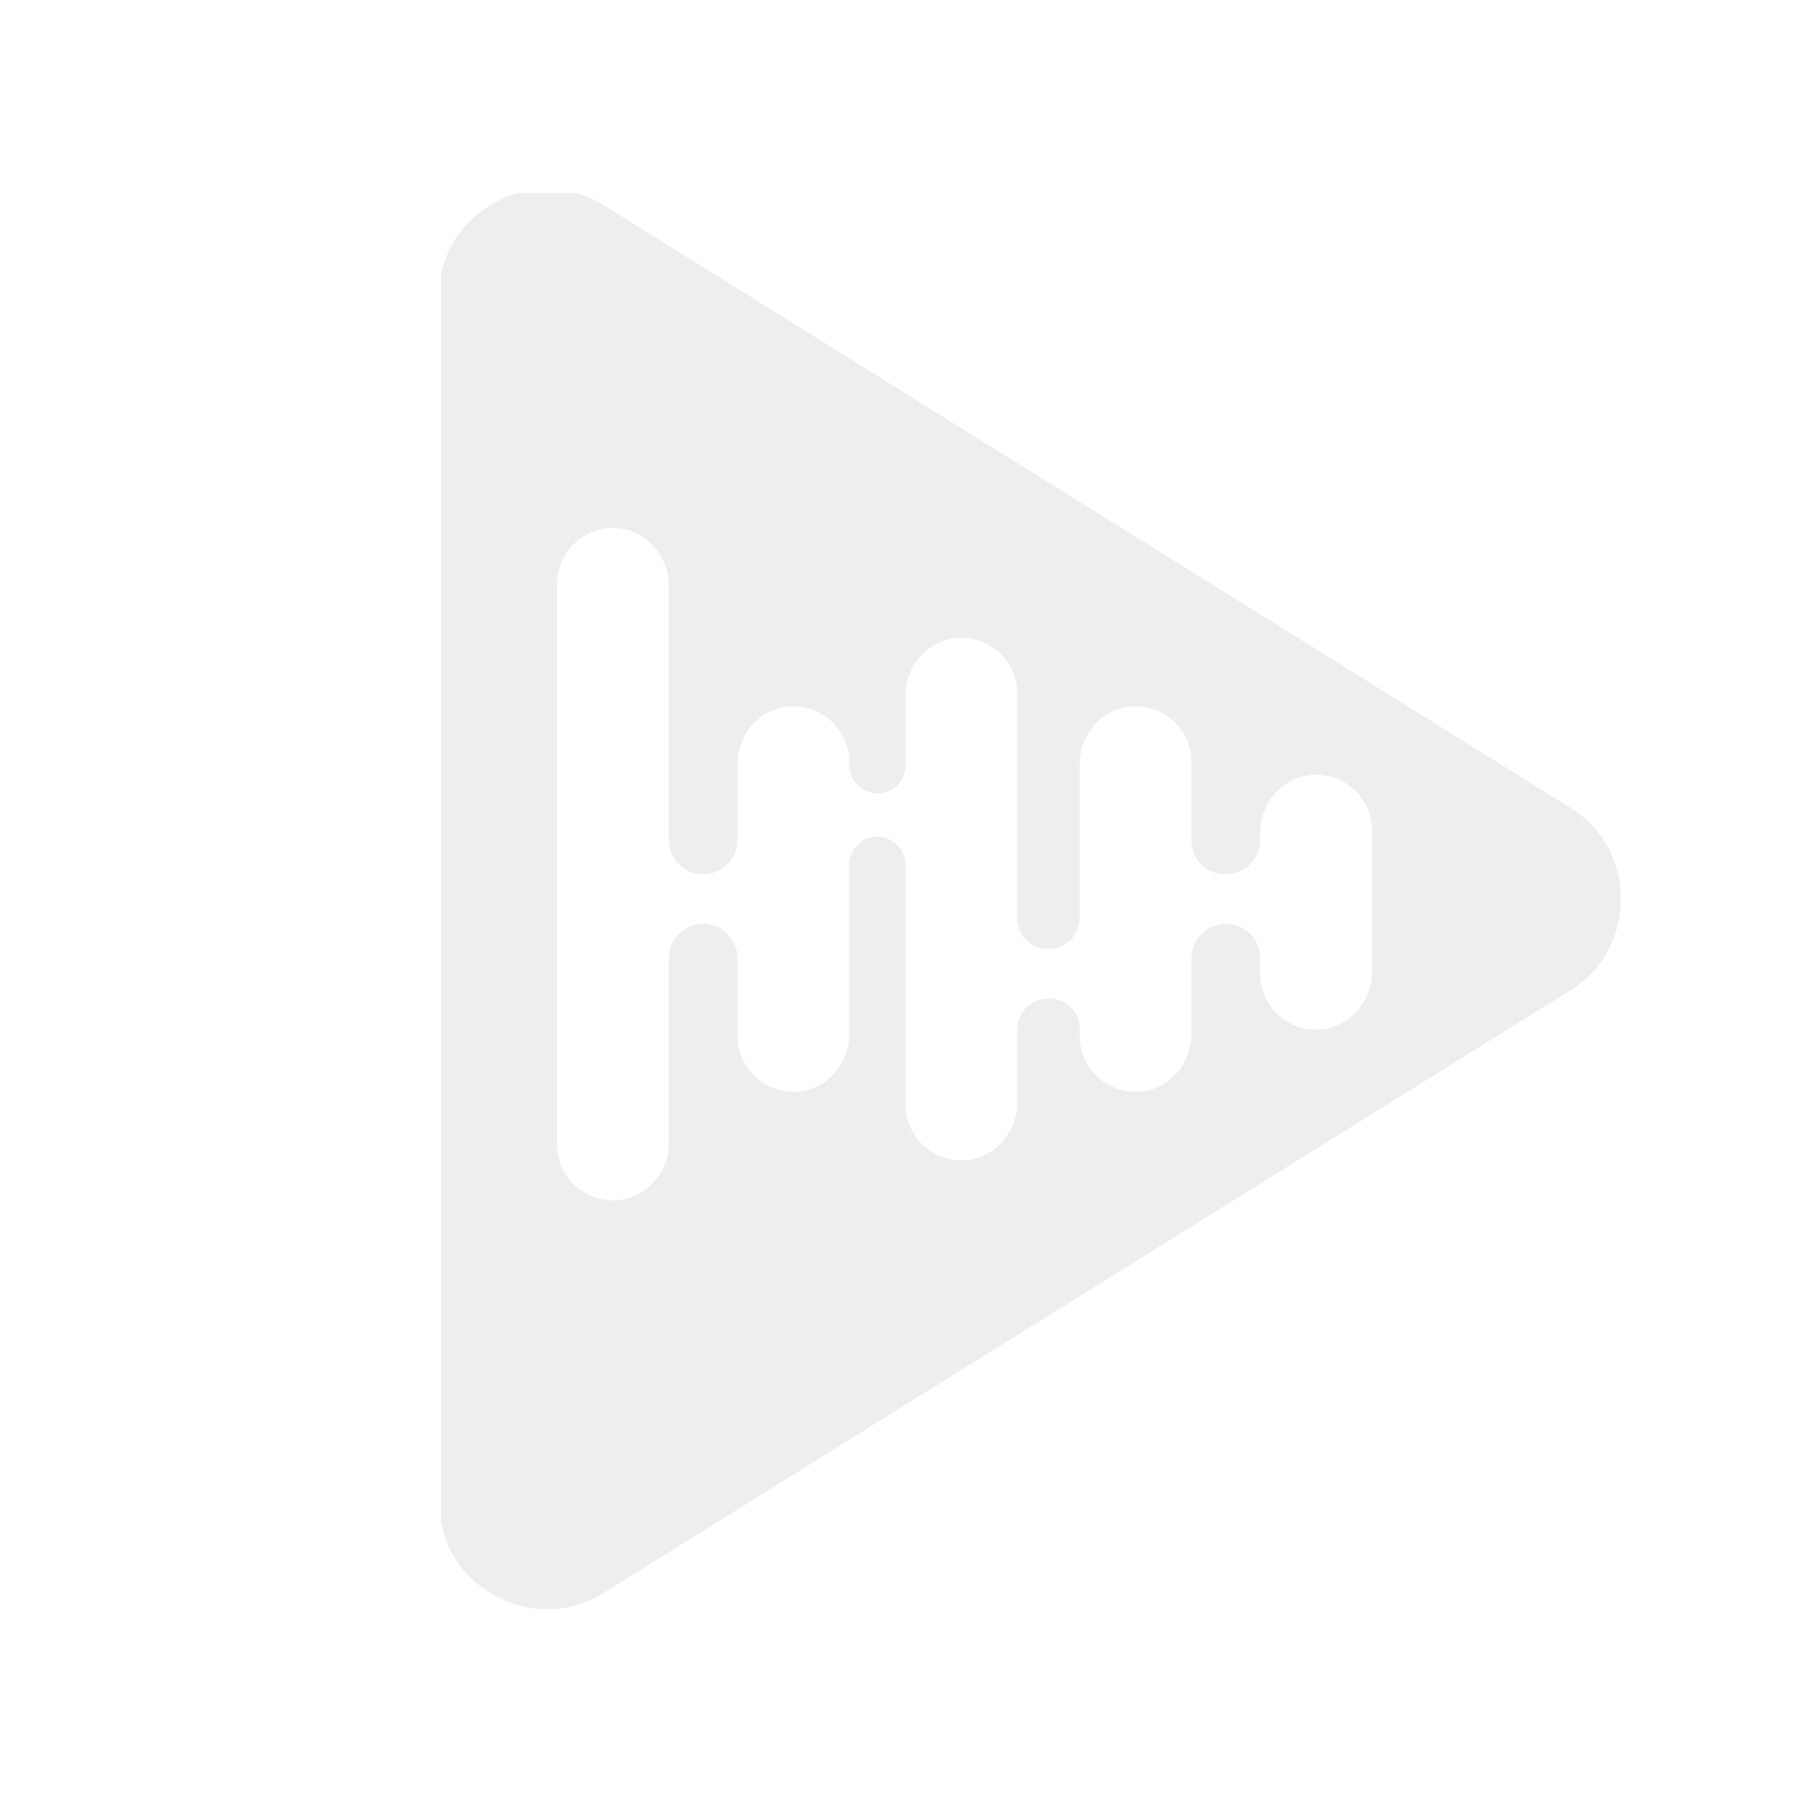 Speedsignal B-3444712-PDC